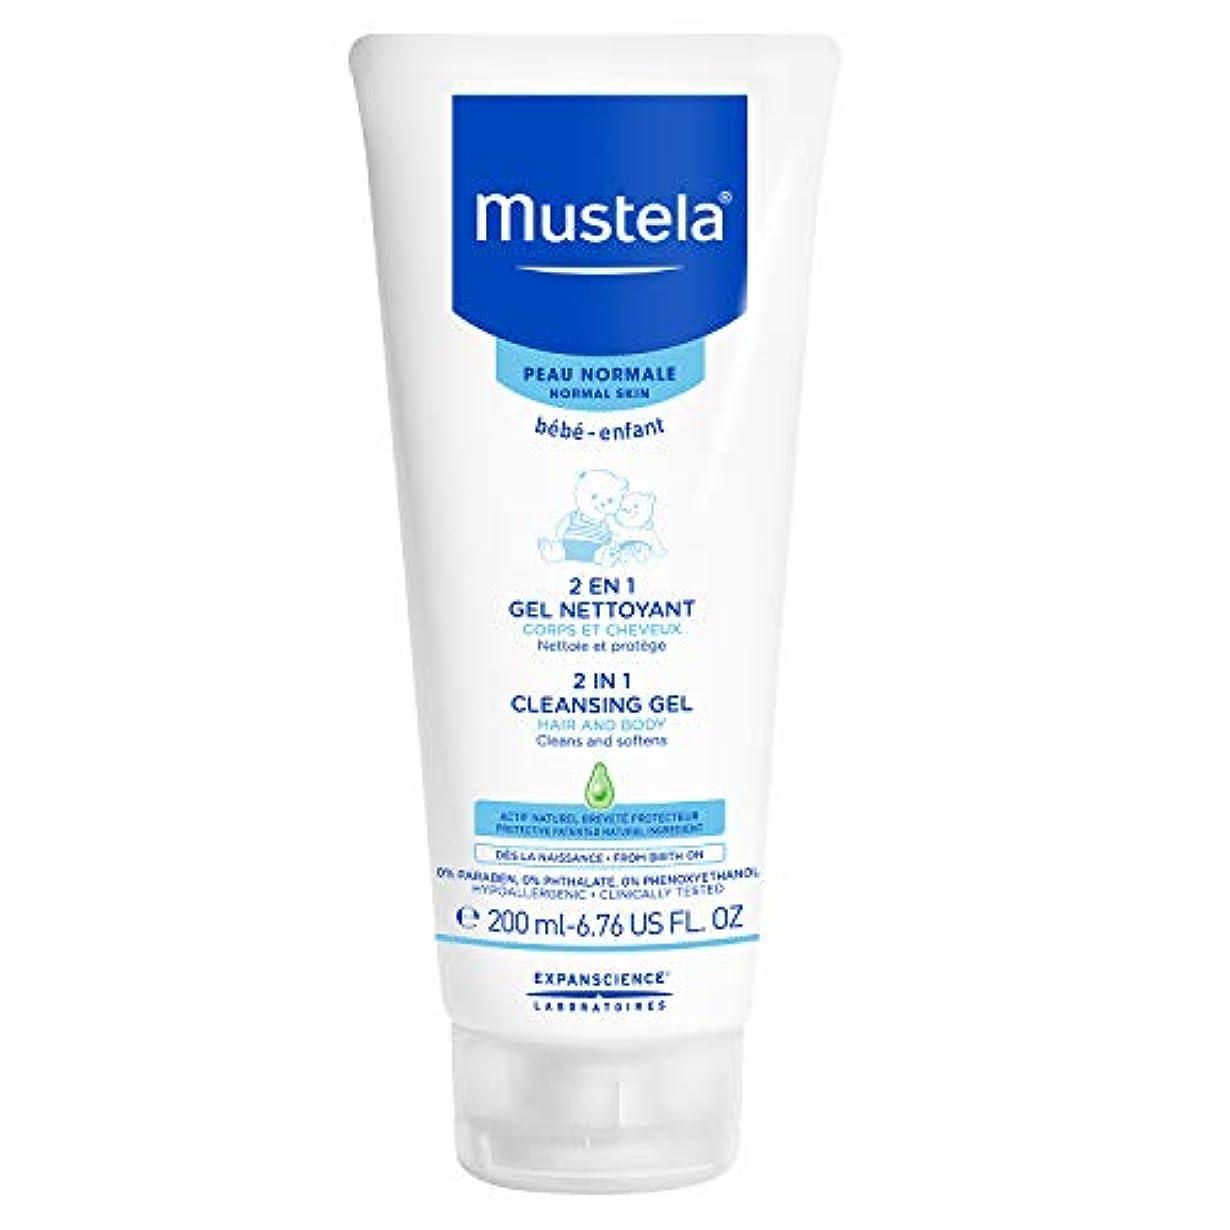 ずんぐりした毒液胴体Mustela - 2 in 1 Cleansing Gel (6.76 oz.)